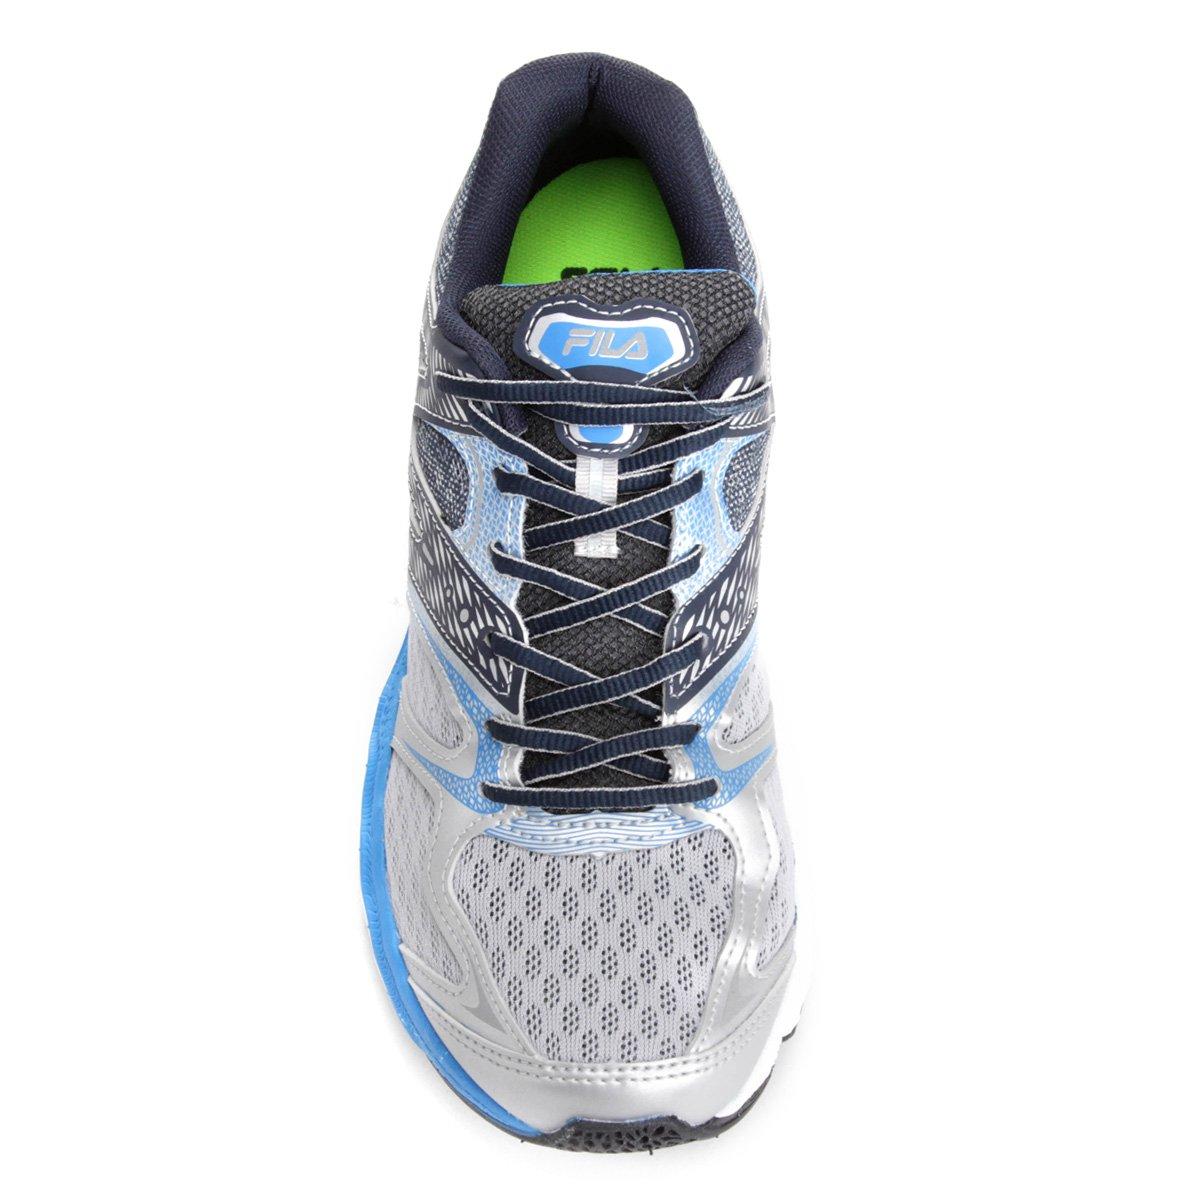 Prata Tênis Arterial Azul 0 Tênis e Masculino Fila 2 Fila fqBfR0